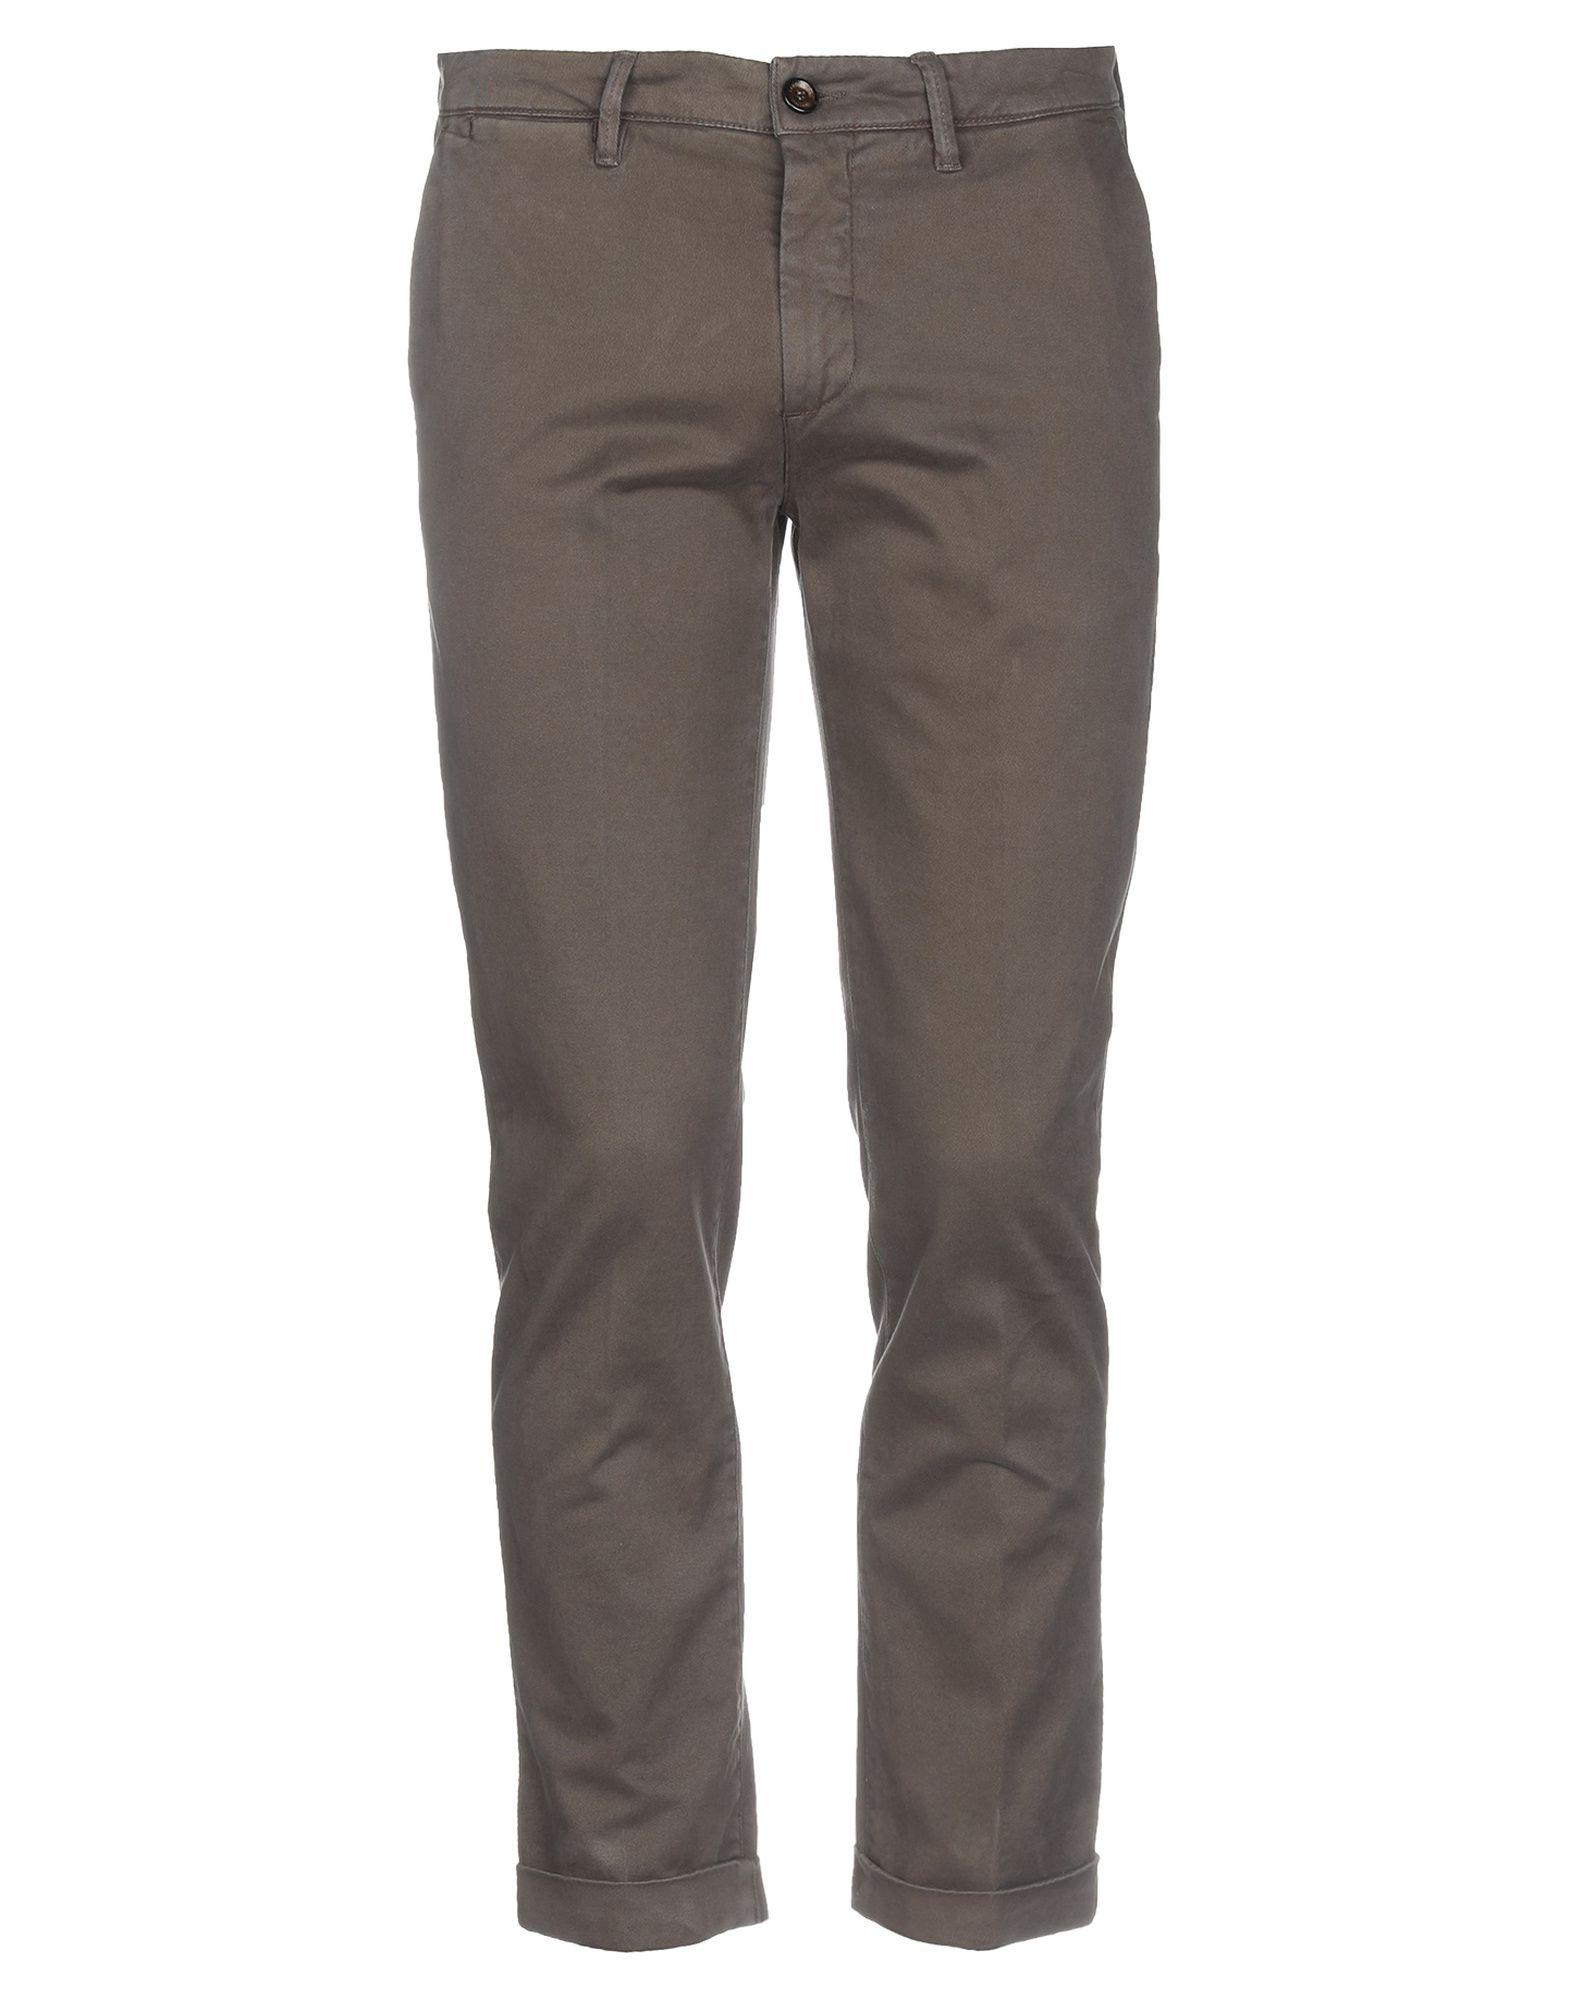 《期間限定セール中》LABORATORI ITALIANI メンズ パンツ ダークブラウン 48 コットン 98% / ポリウレタン 2%